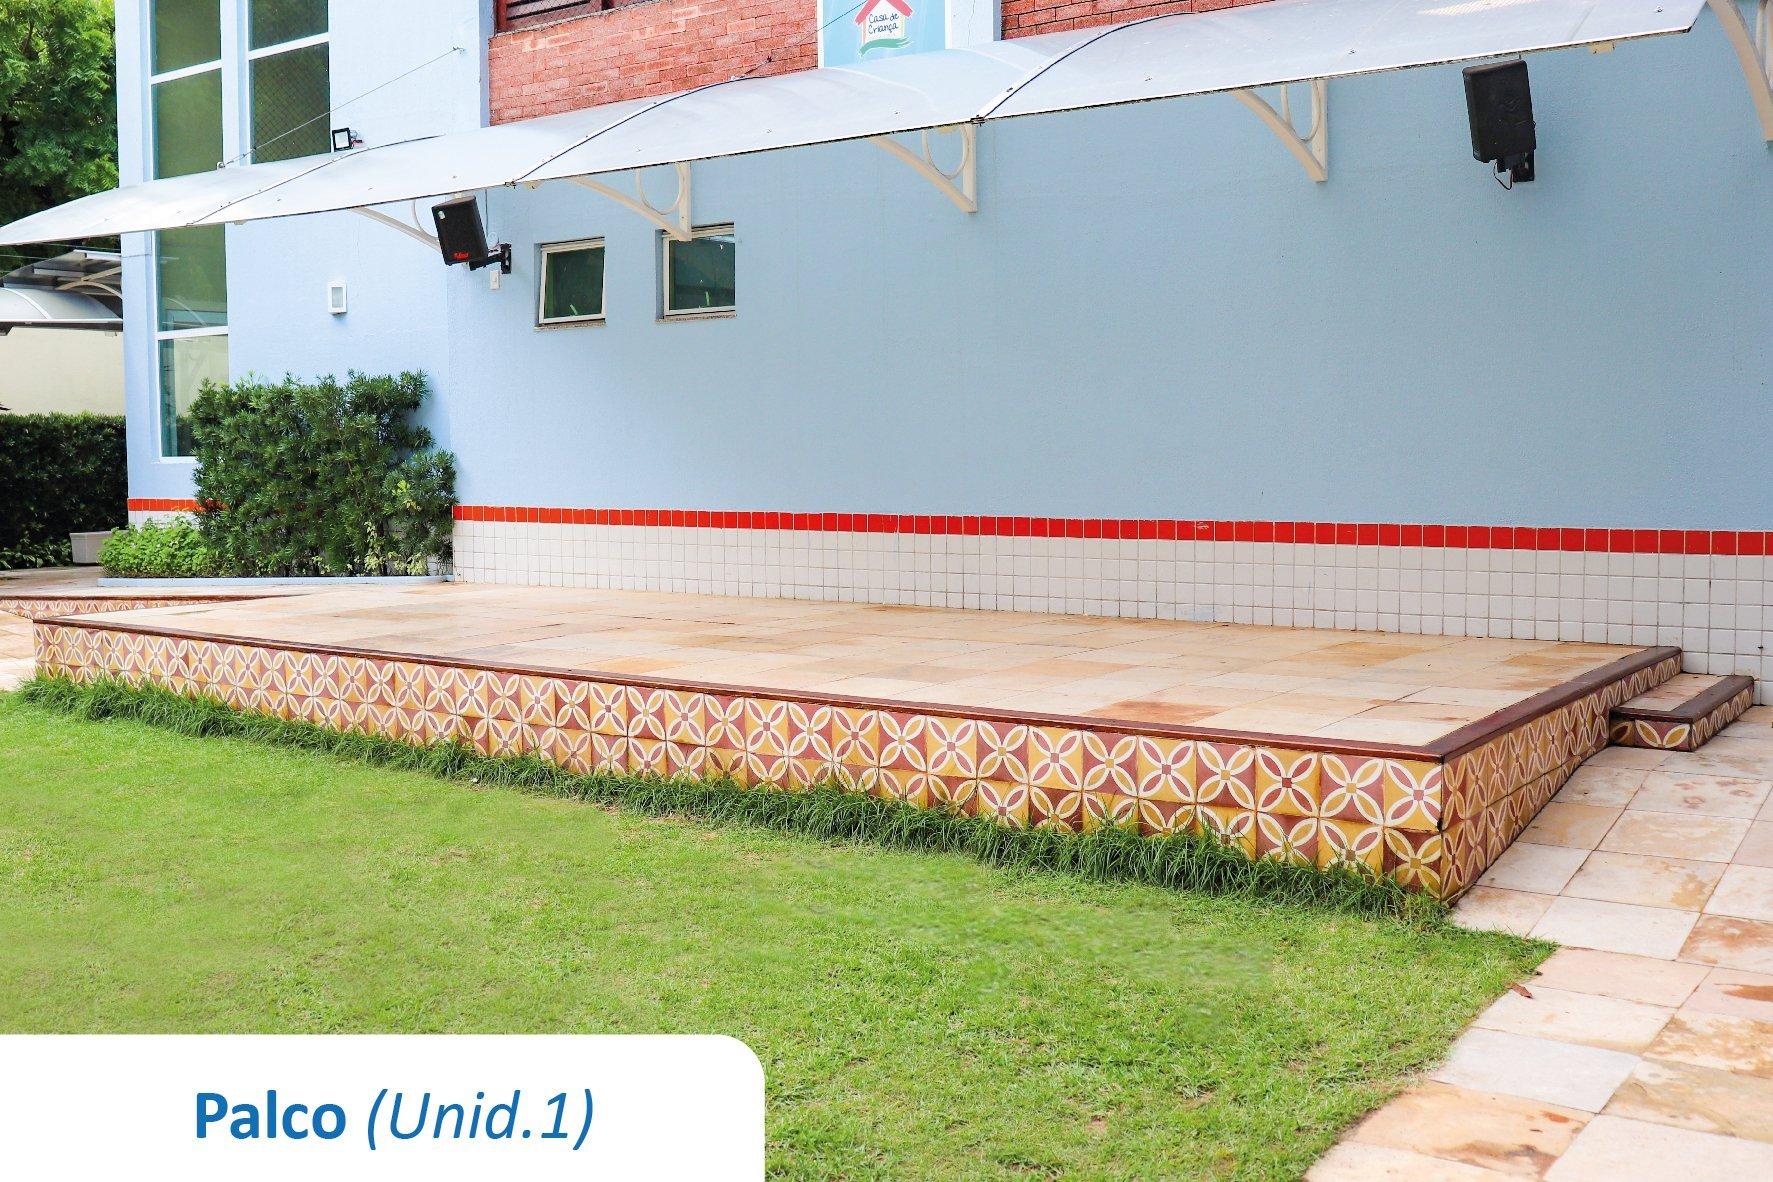 Palco (Unid 1)